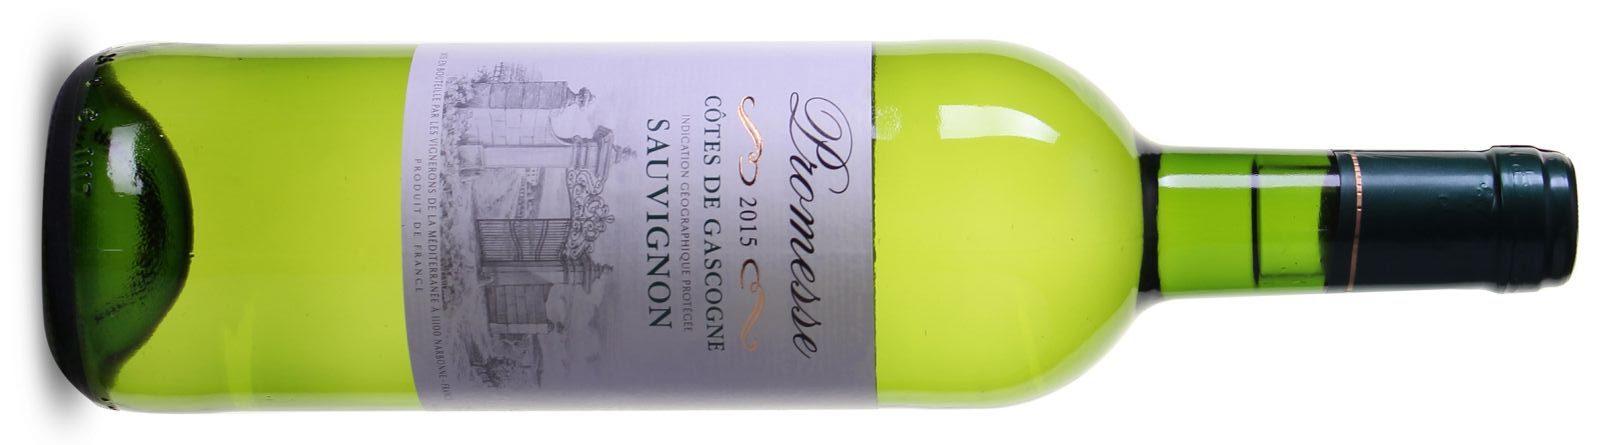 Promesse Sauvignon Blanc